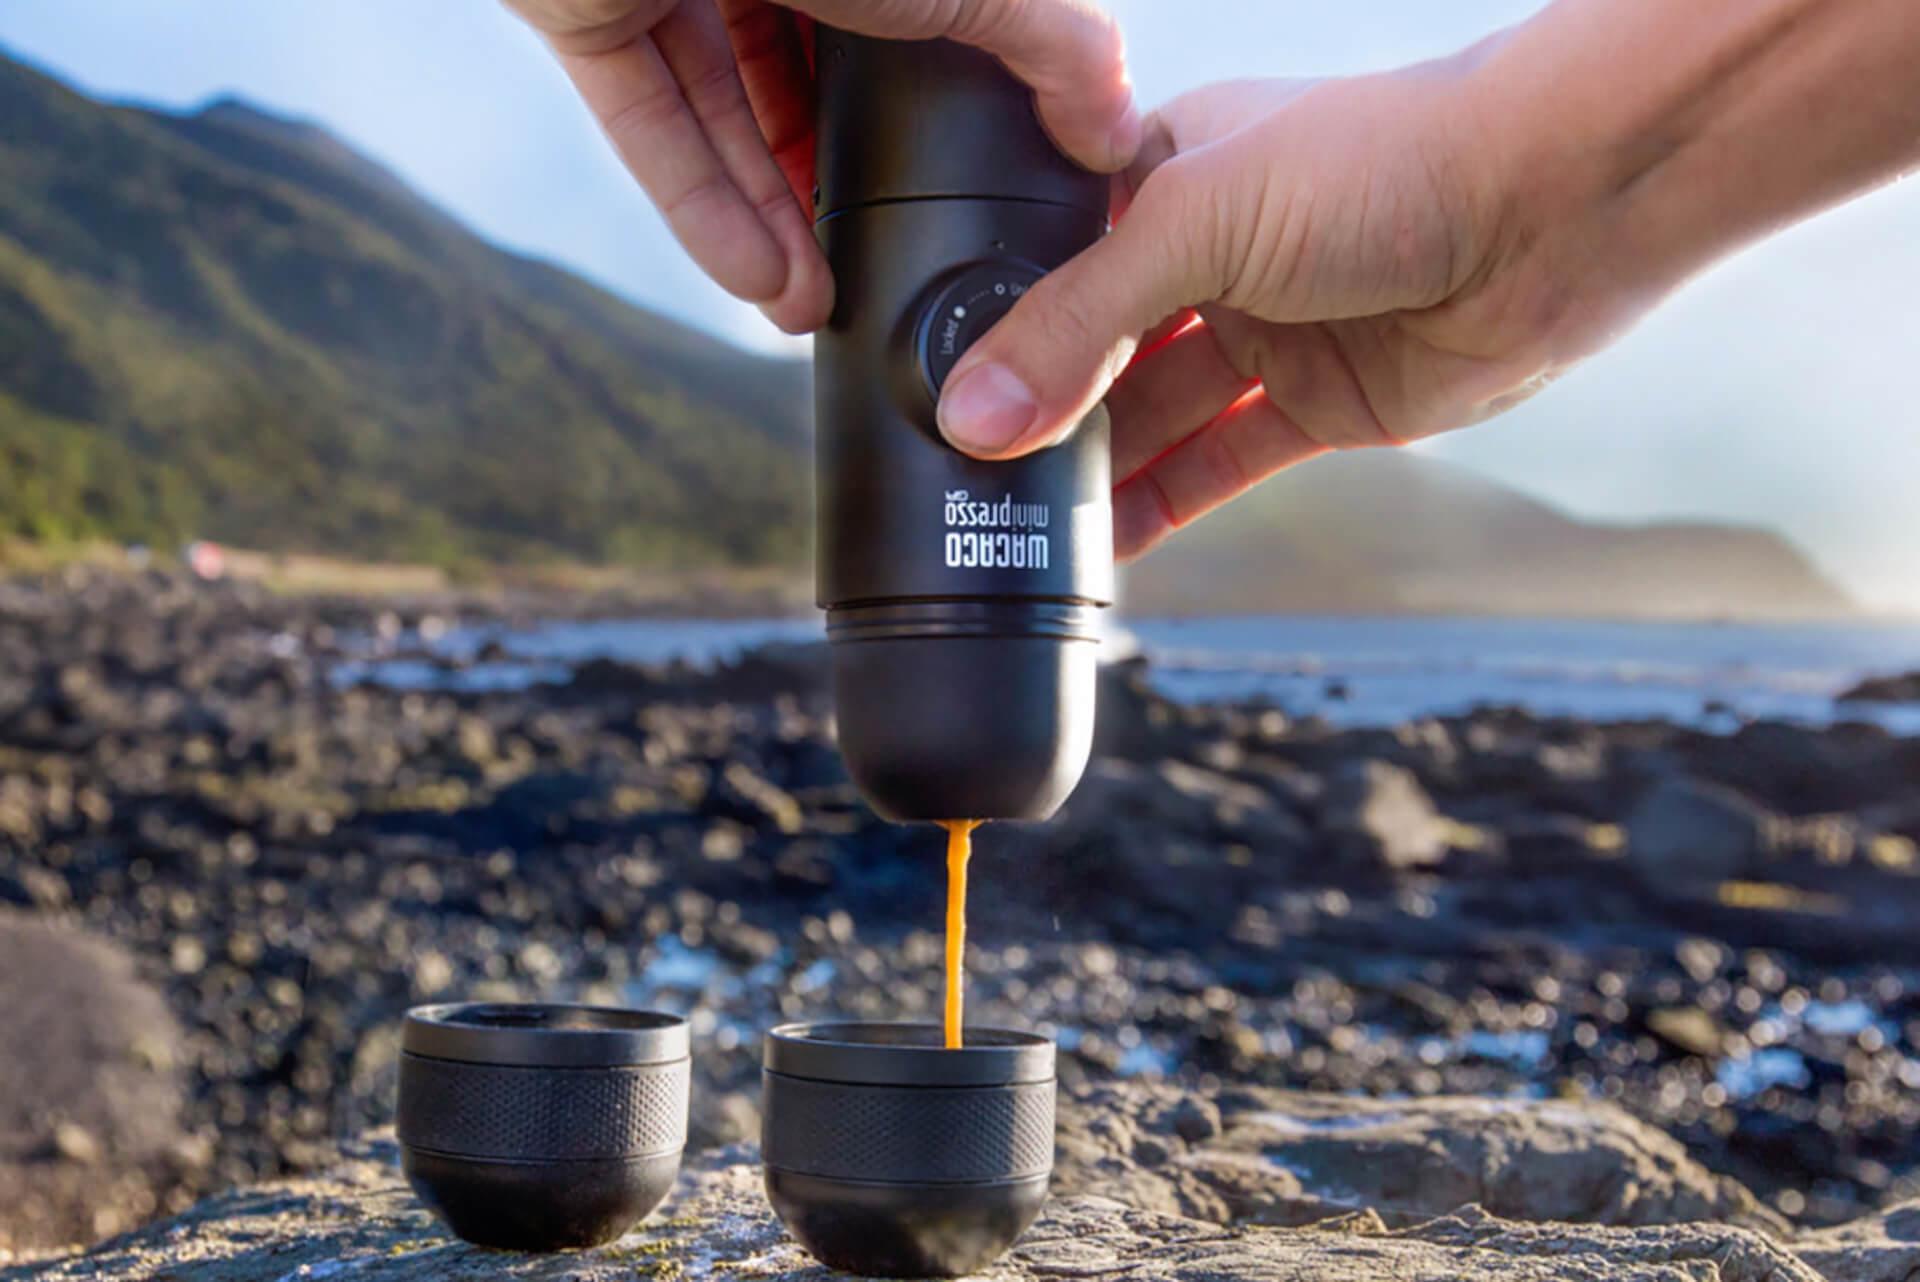 極上のコーヒータイムを嗜む! アウトドアや登山におすすめのギア&厳選コーヒー豆特集 life191118_jeep_coffee_2